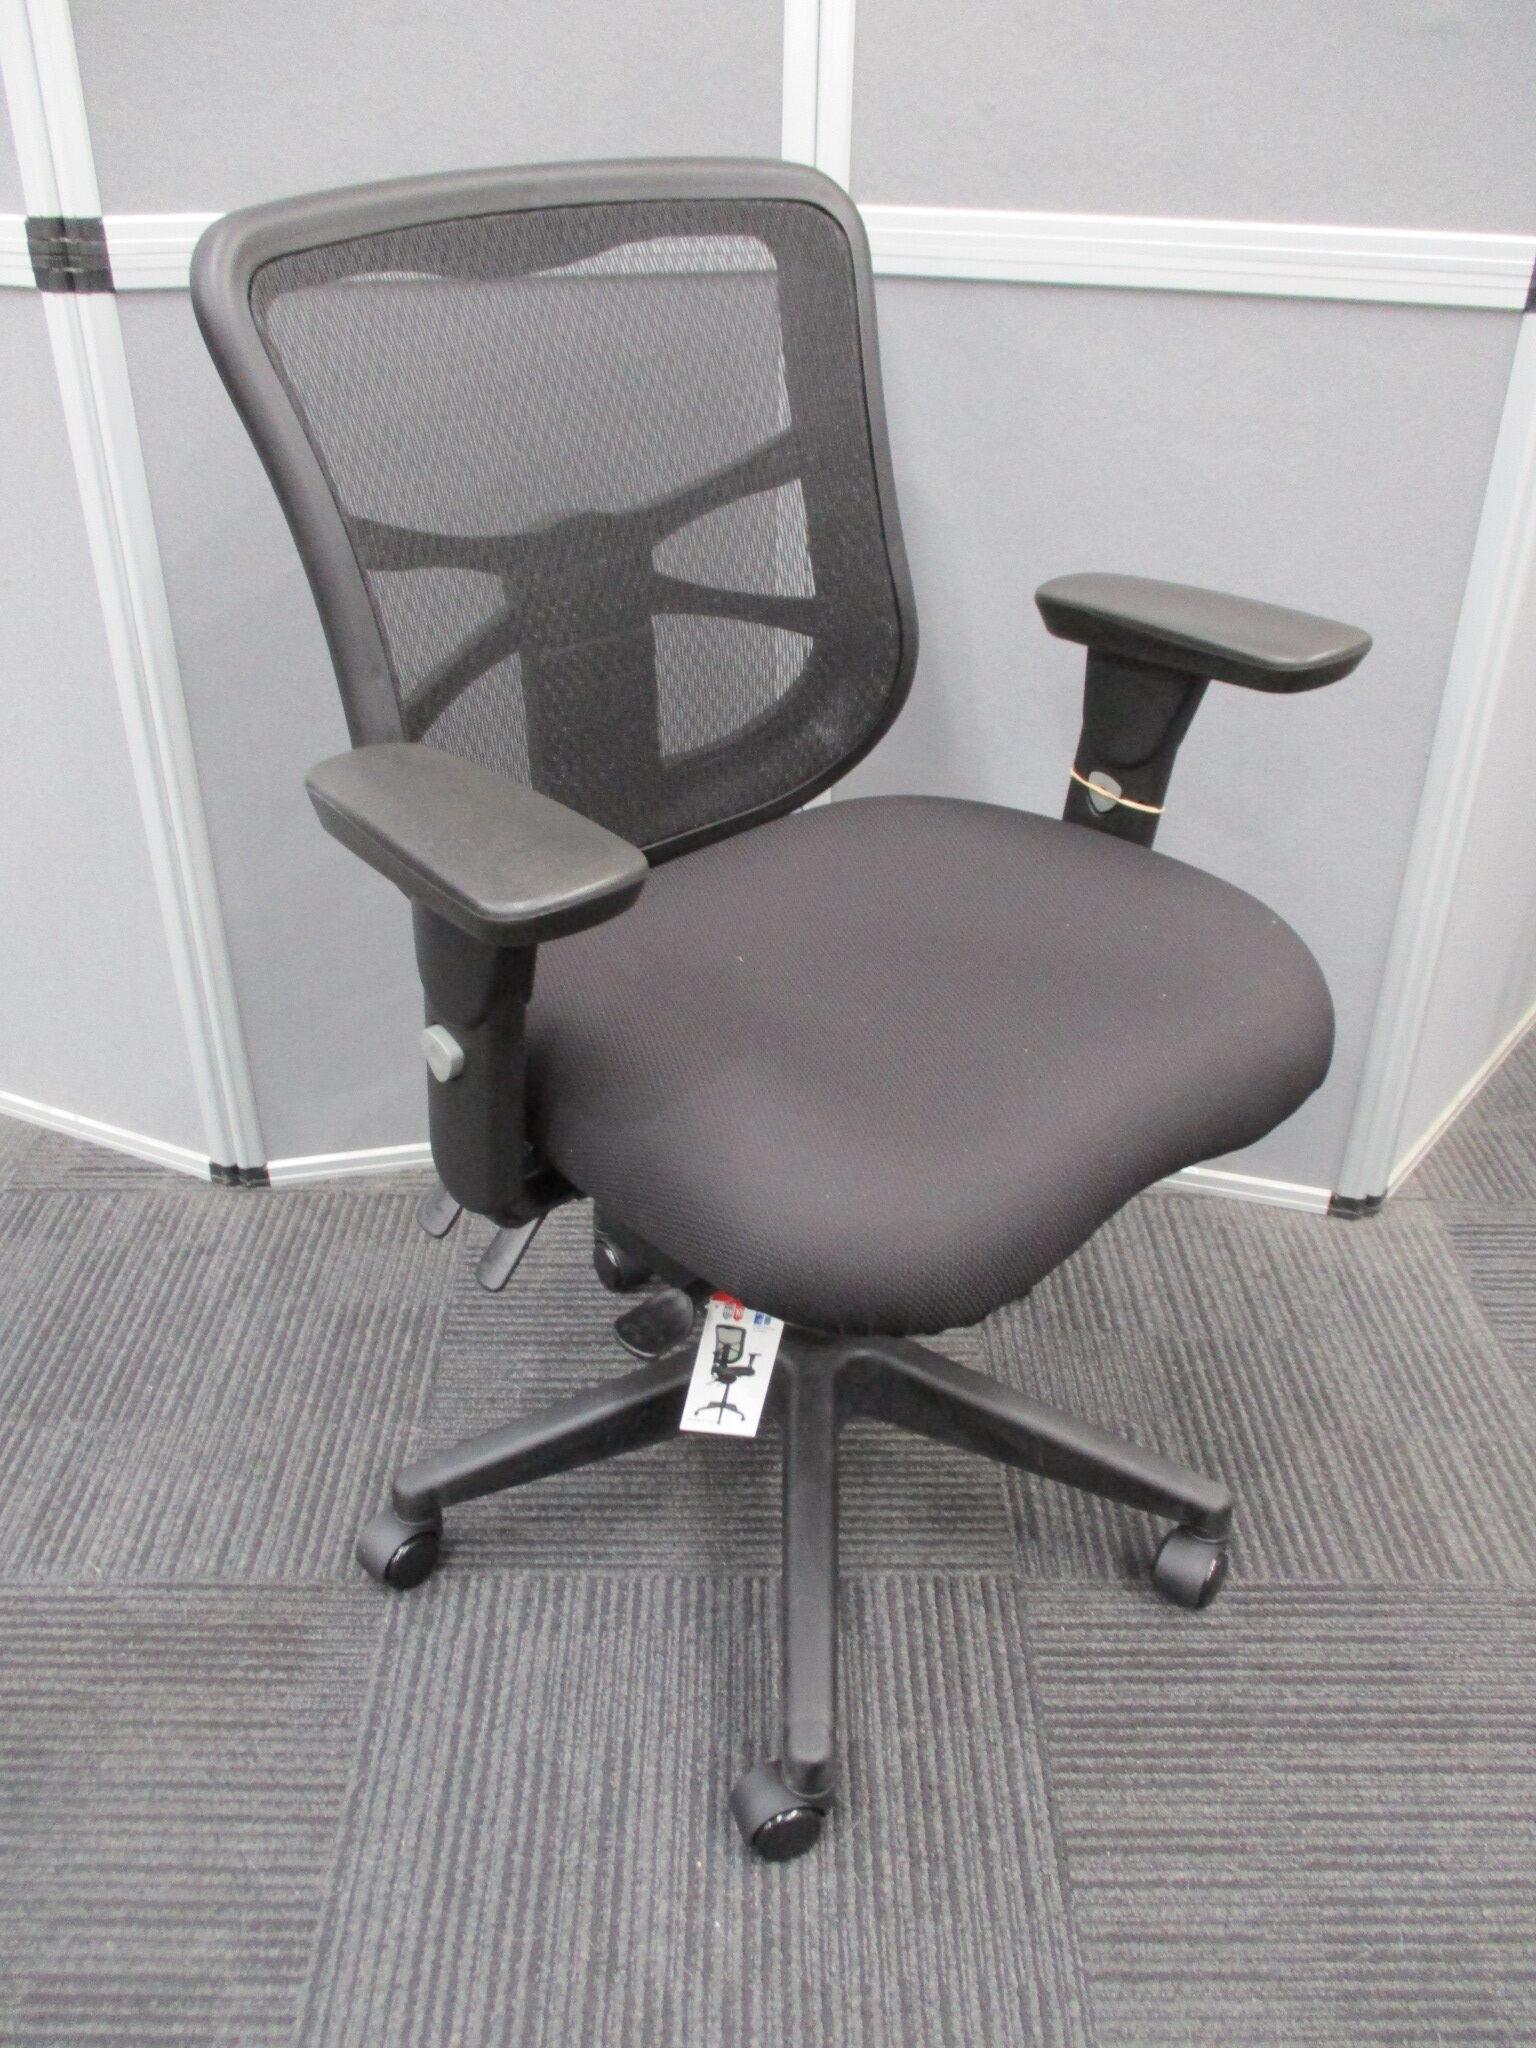 New DAM Ergonomic Mesh Chairs $425